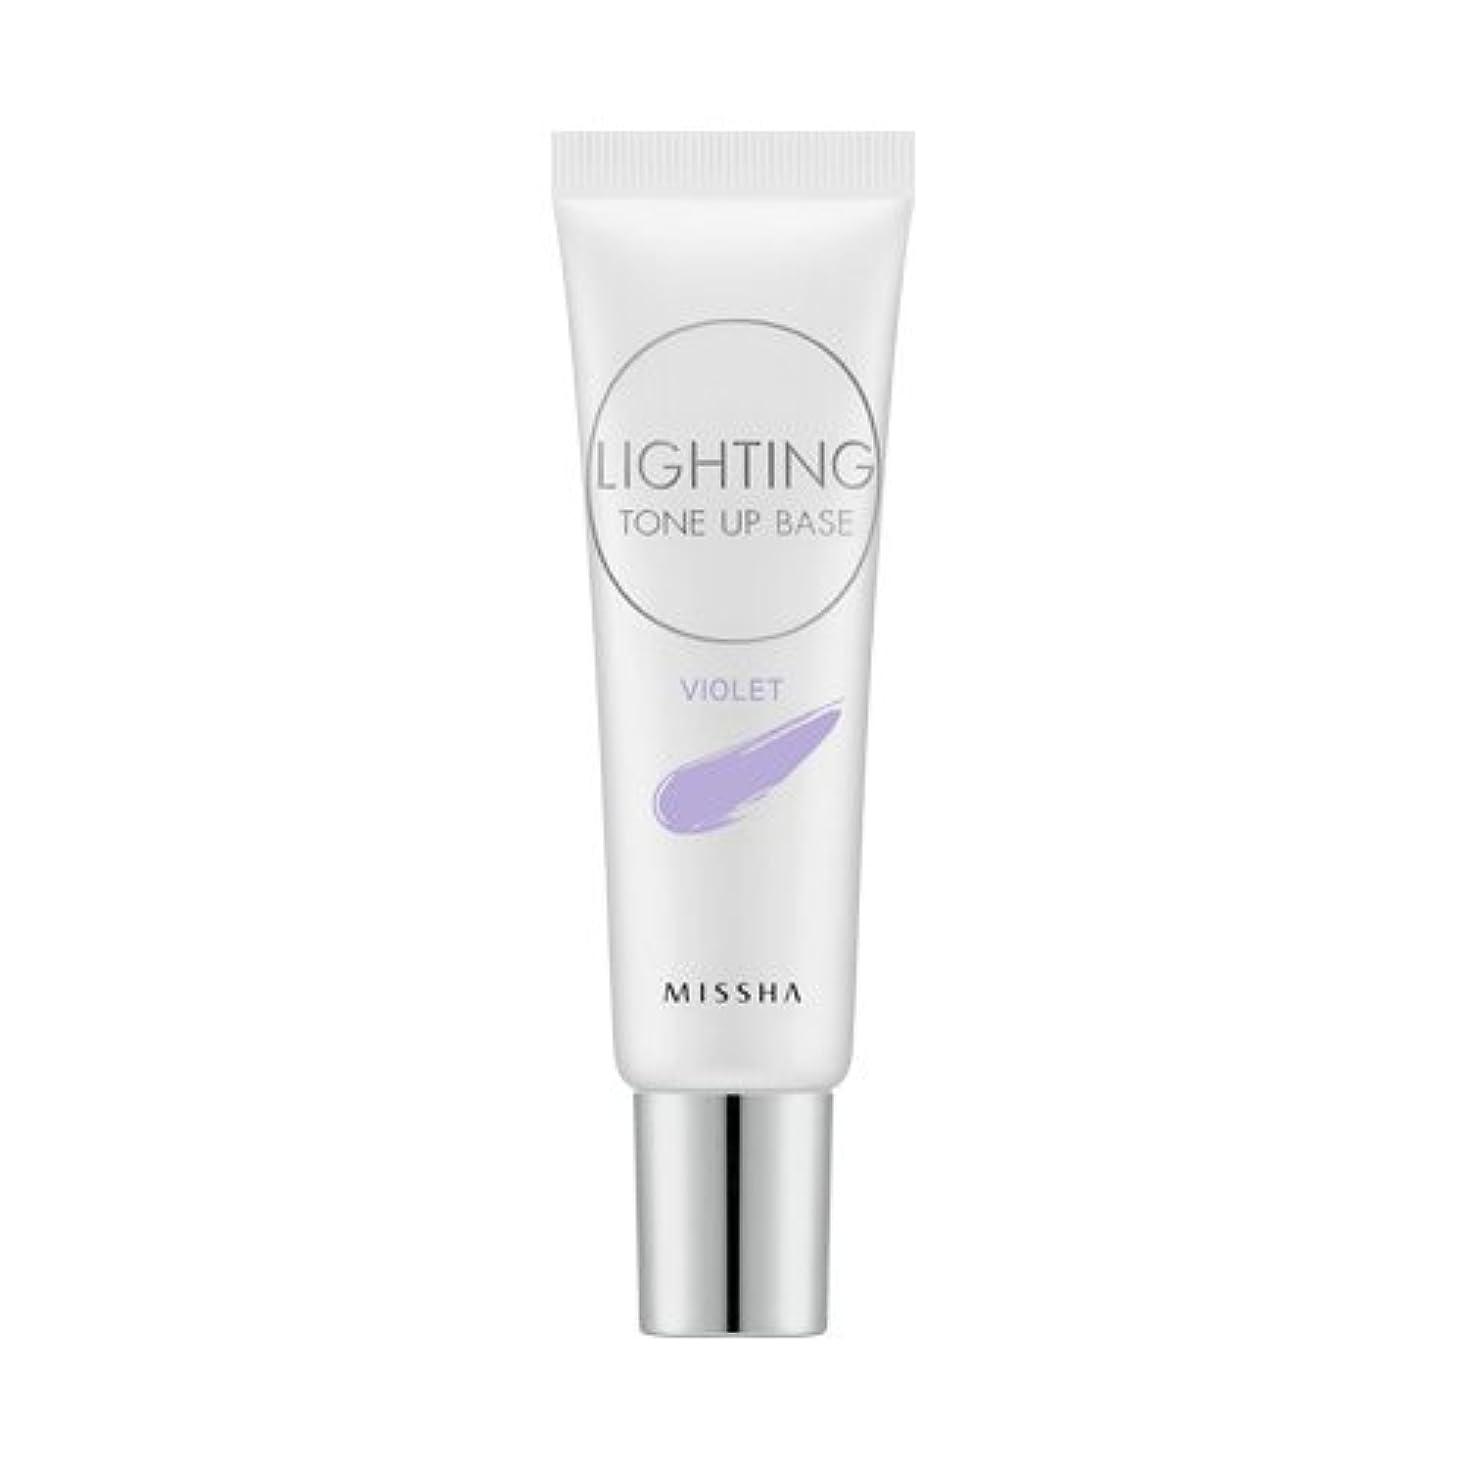 マオリ明るい批判MISSHA Lighting Tone Up Base 20ml/ミシャ ライティング トーン アップ ベース 20ml (#Violet)